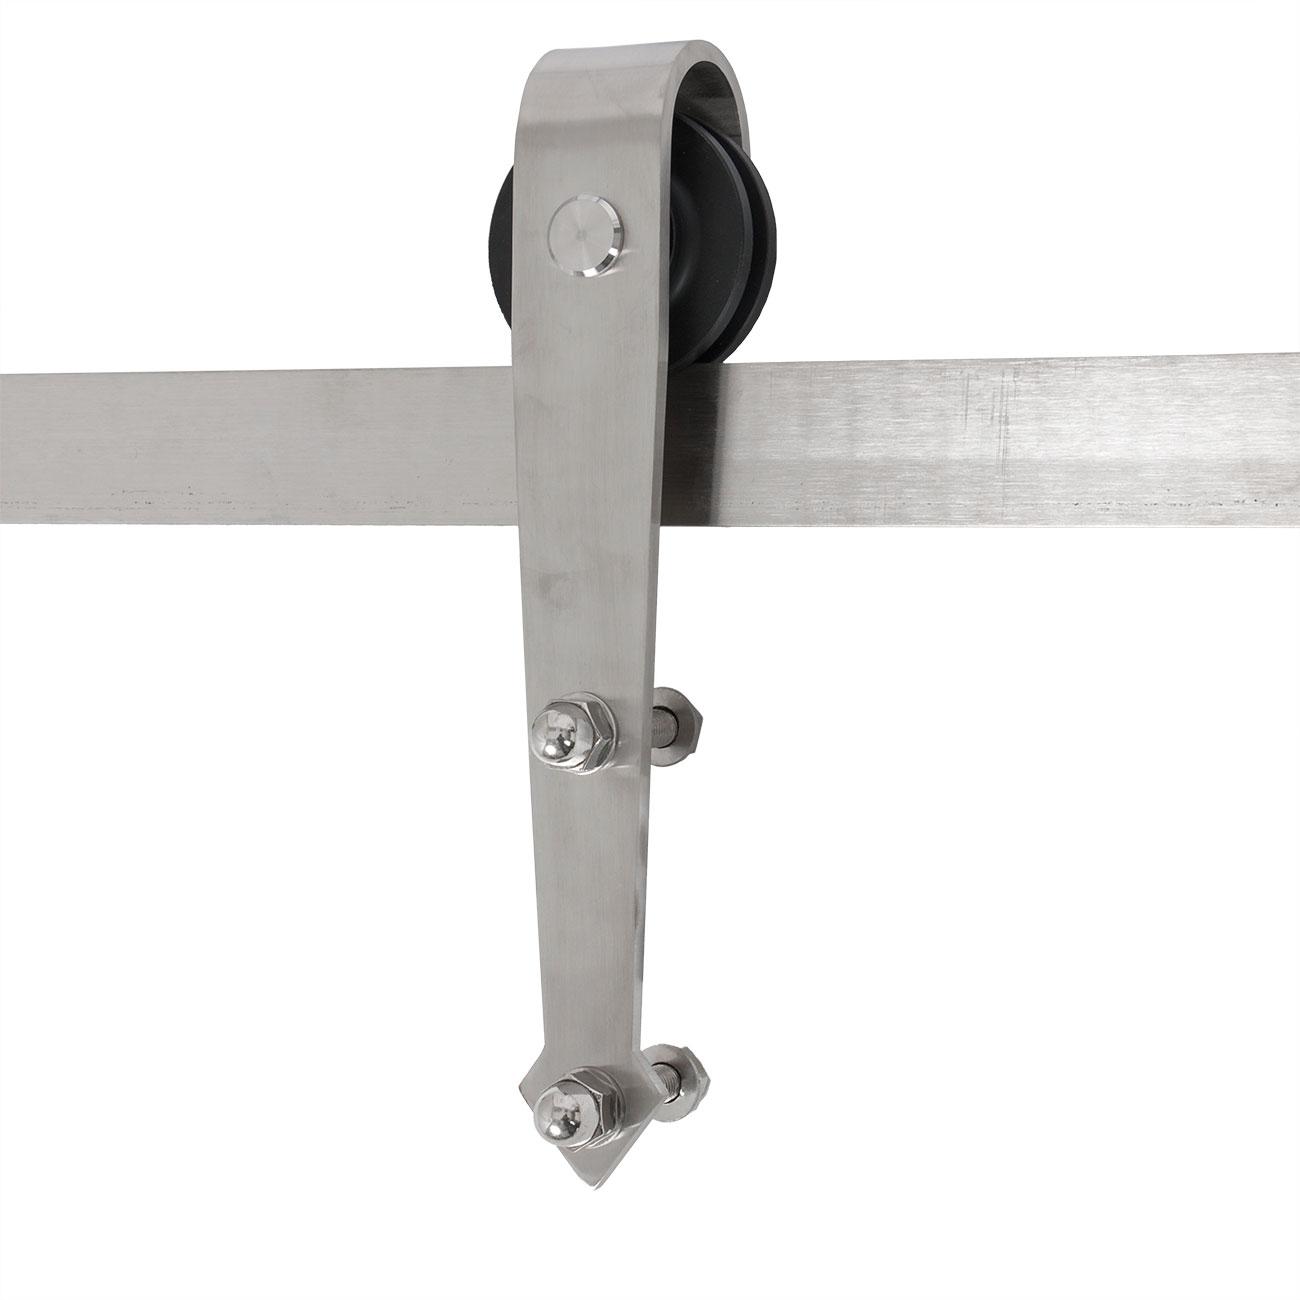 Sliding Track Door Hardware: 12 Ft Double Sliding Barn Door Hardware Kit Modern Style